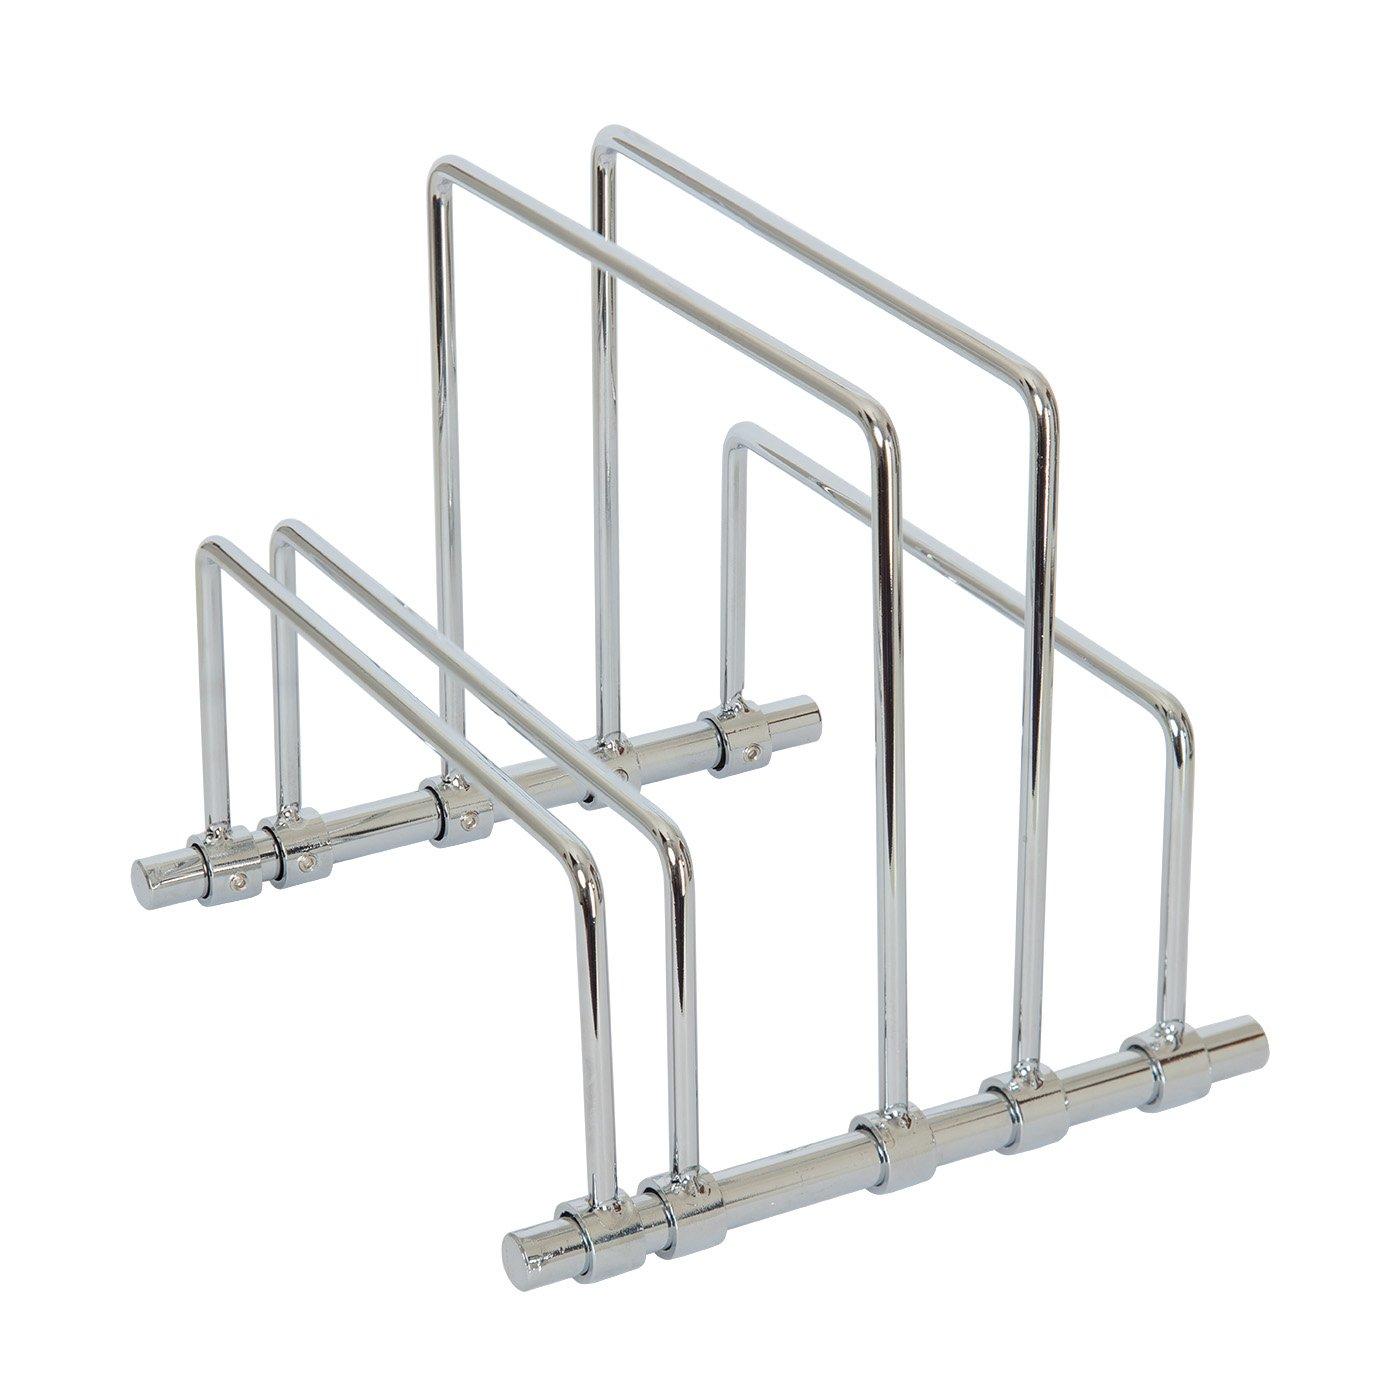 Rack para cocina en acero inoxidable SbS, rack para tablas de cortar y bandejas, 5 rack incluidos para crear 4 compartimentos: Amazon.es: Hogar